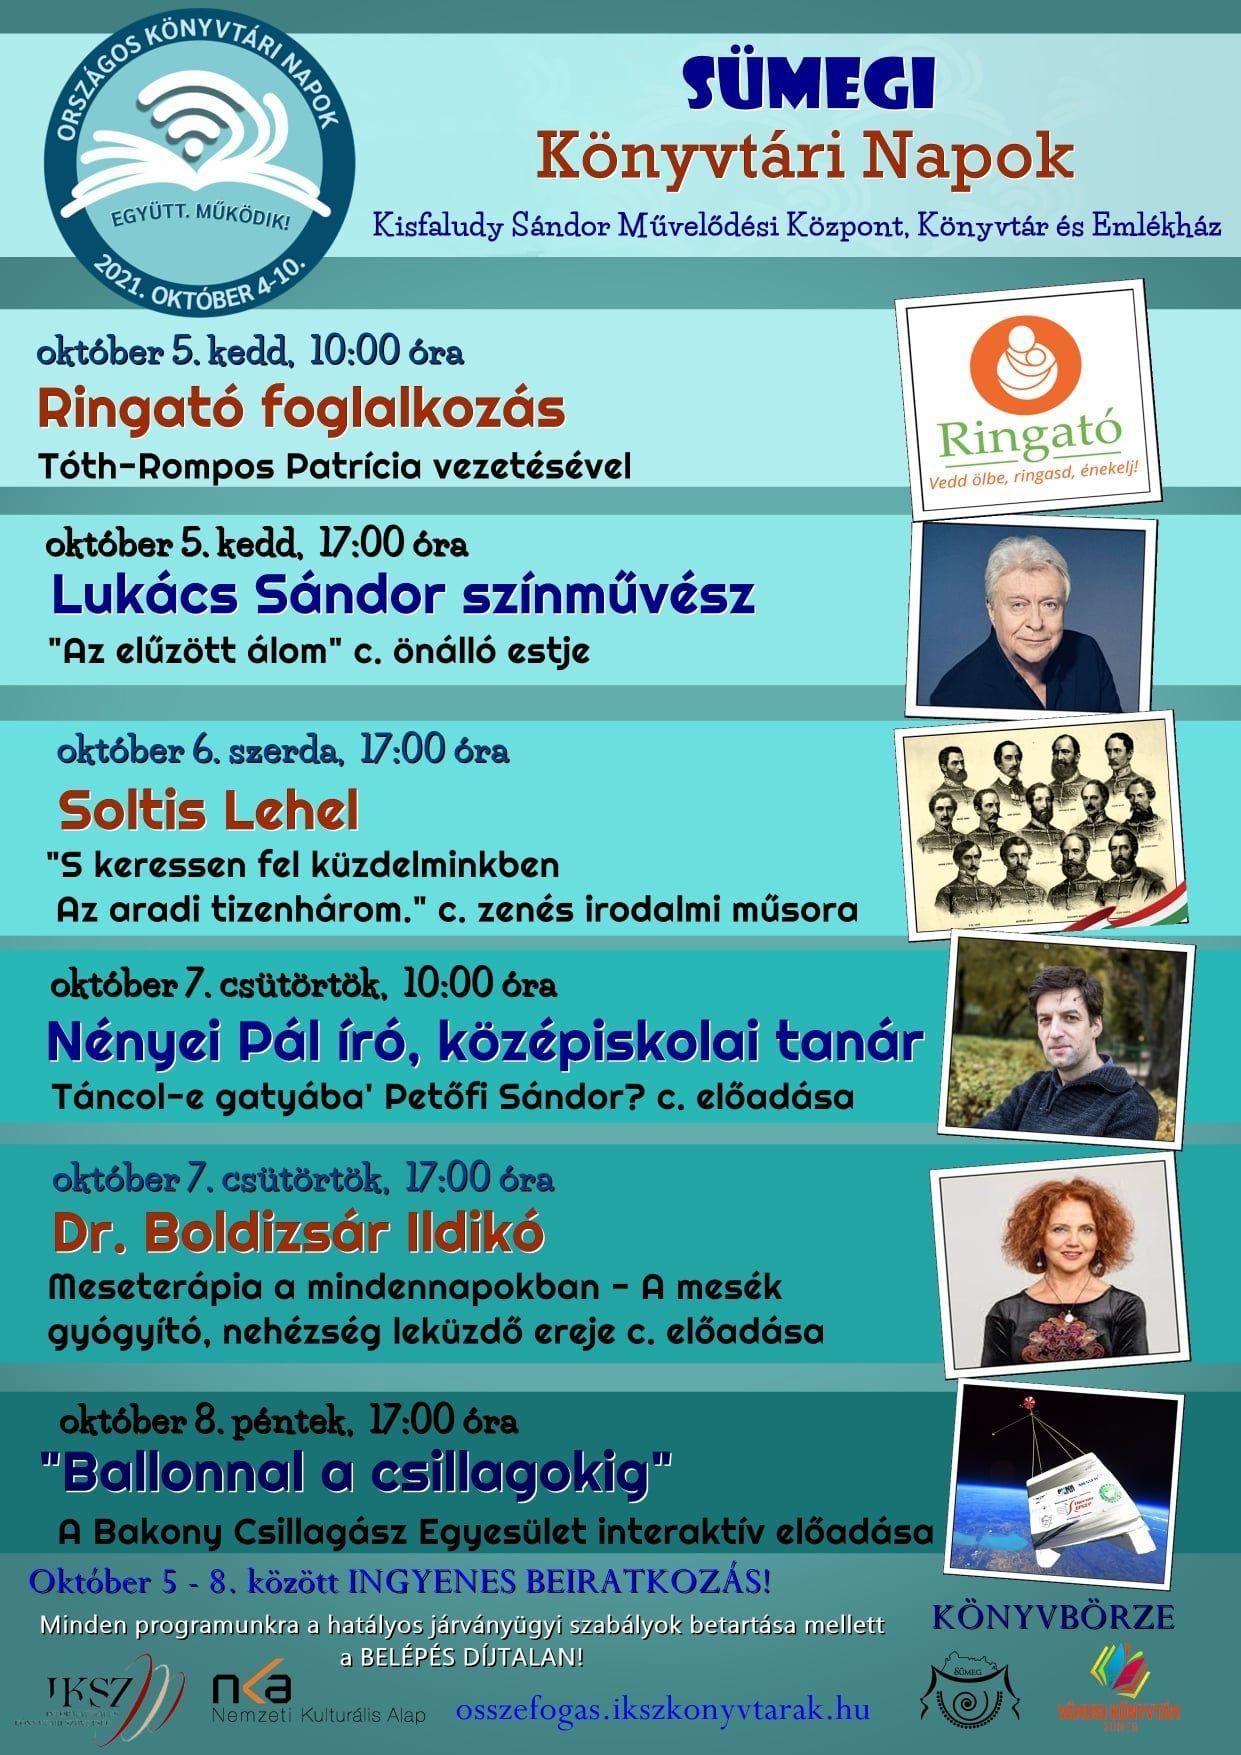 Könyvtári napok: Dr. Boldizsár Ildikó előadása